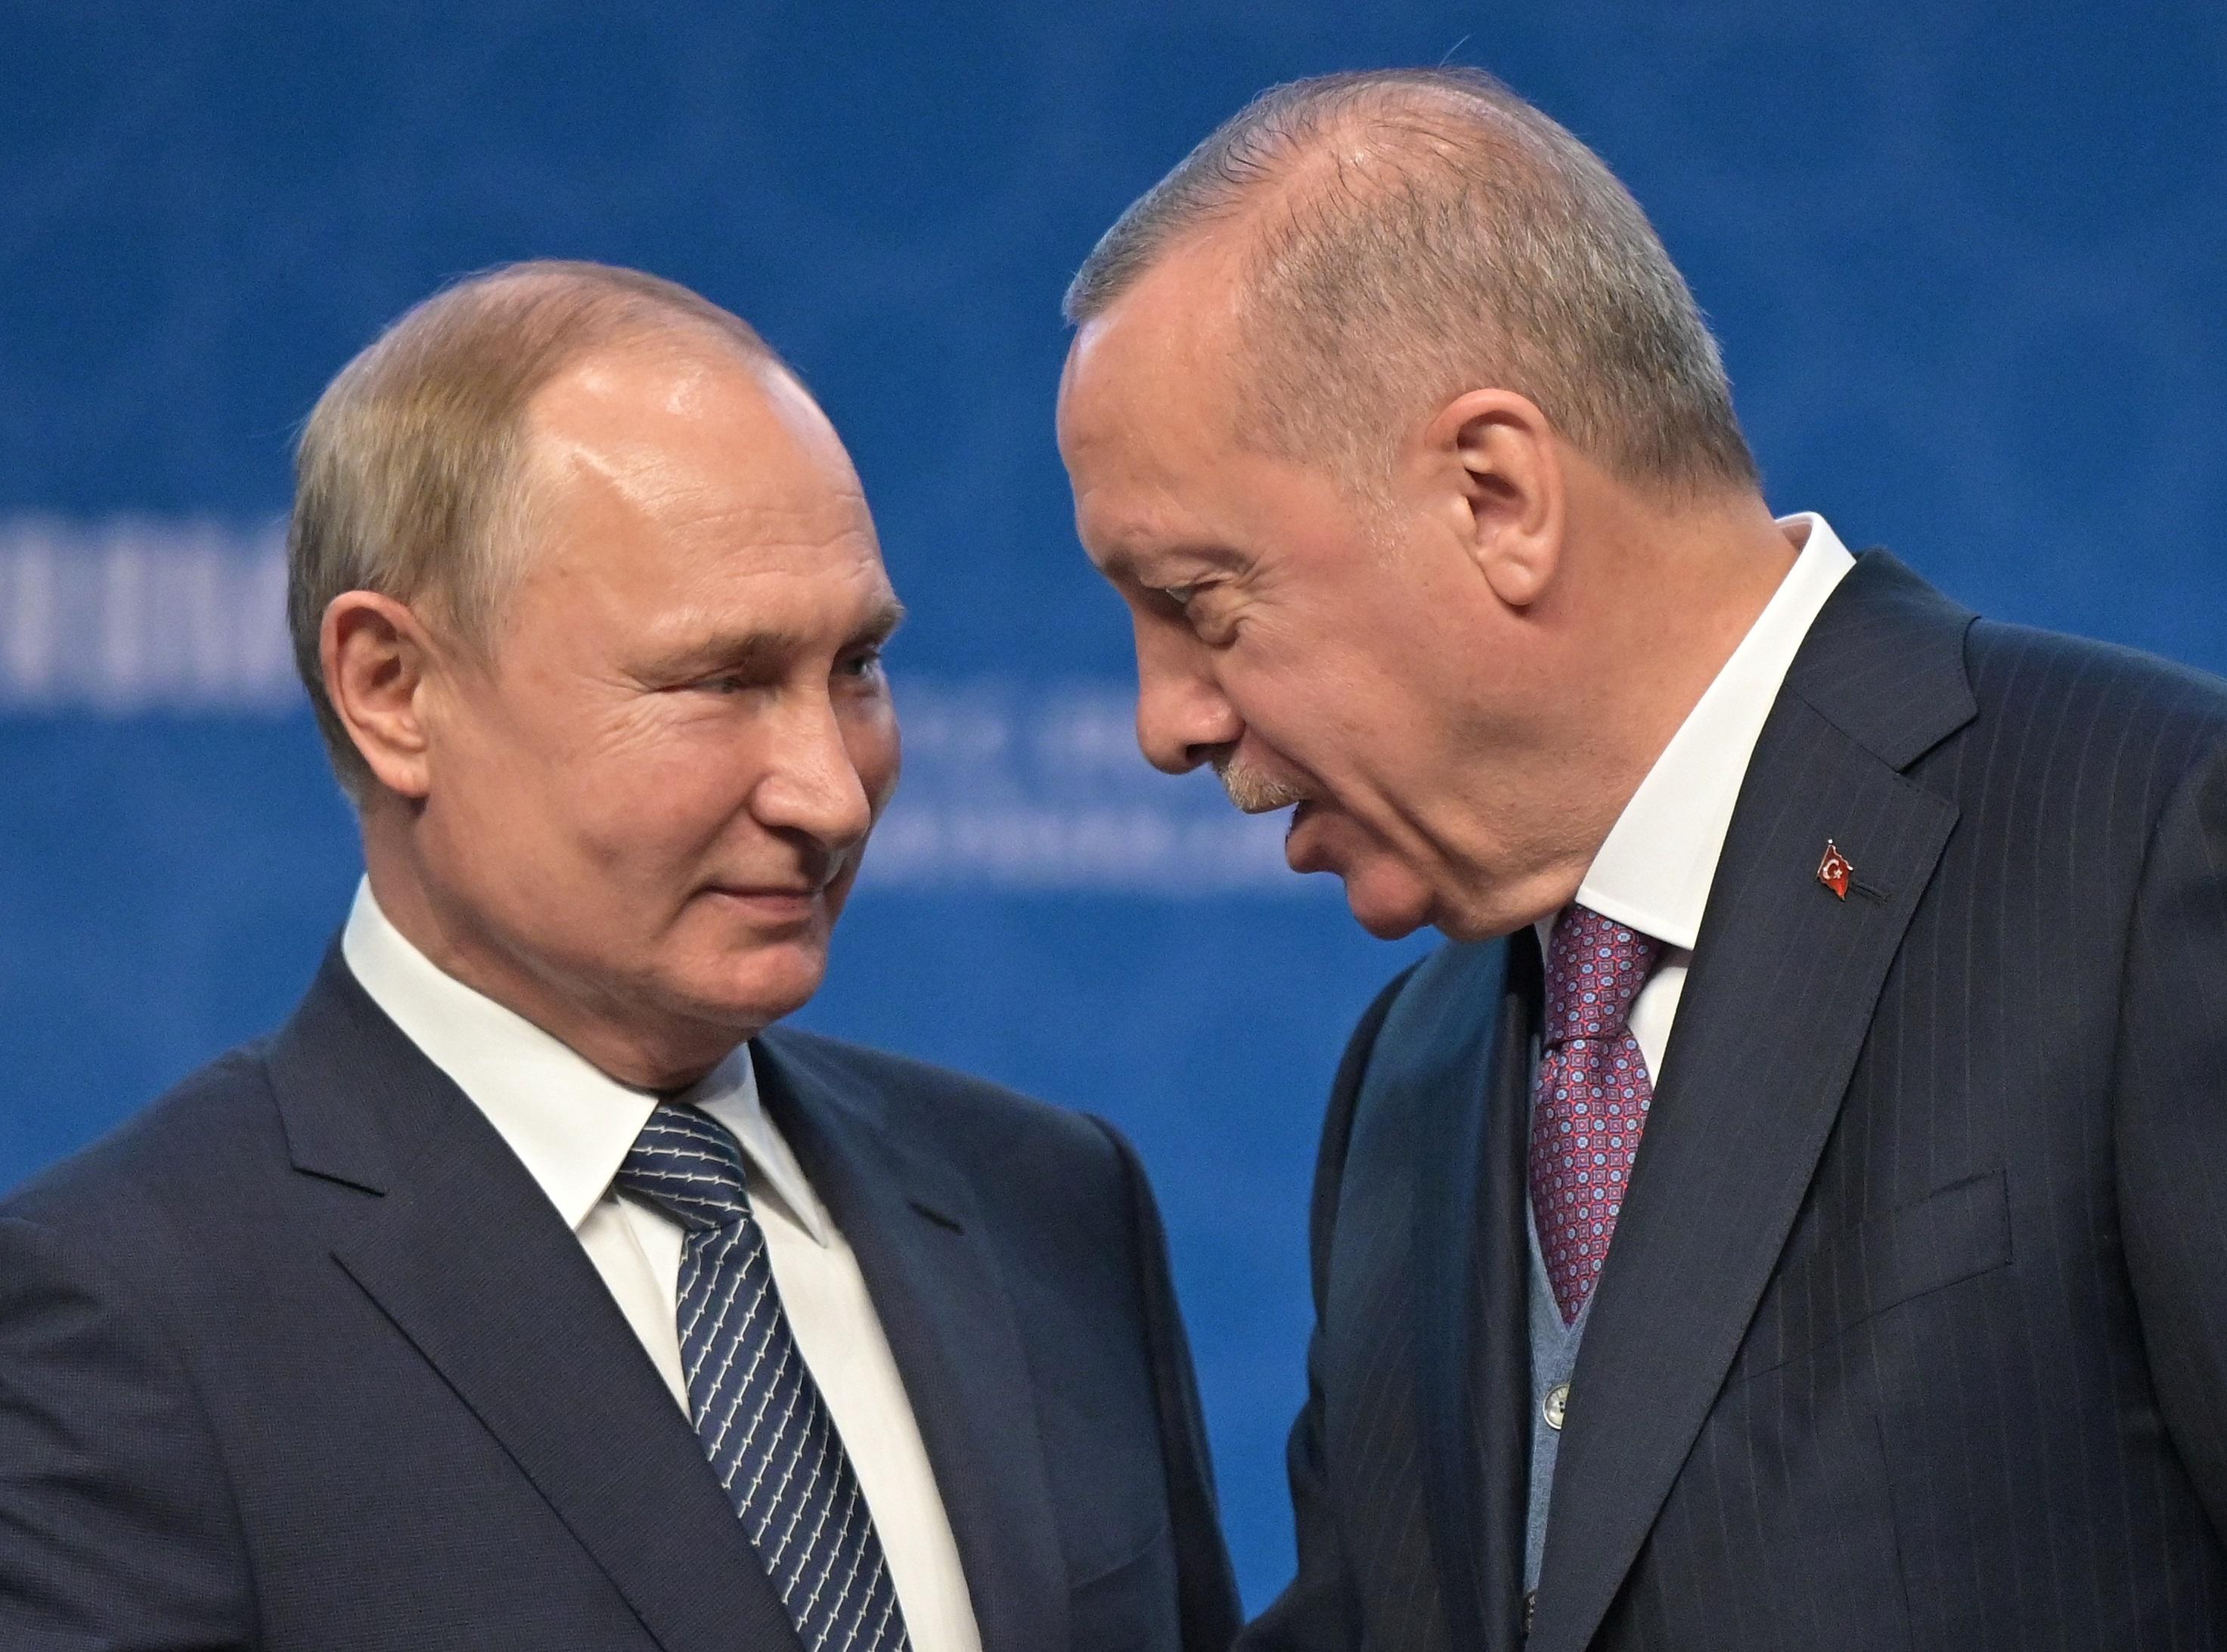 Ταγίπ Ερντογάν σε Βλαντιμίρ Πούτιν: Να μην βάλουμε «σκληρούς όρους» στους Ταλιμπάν